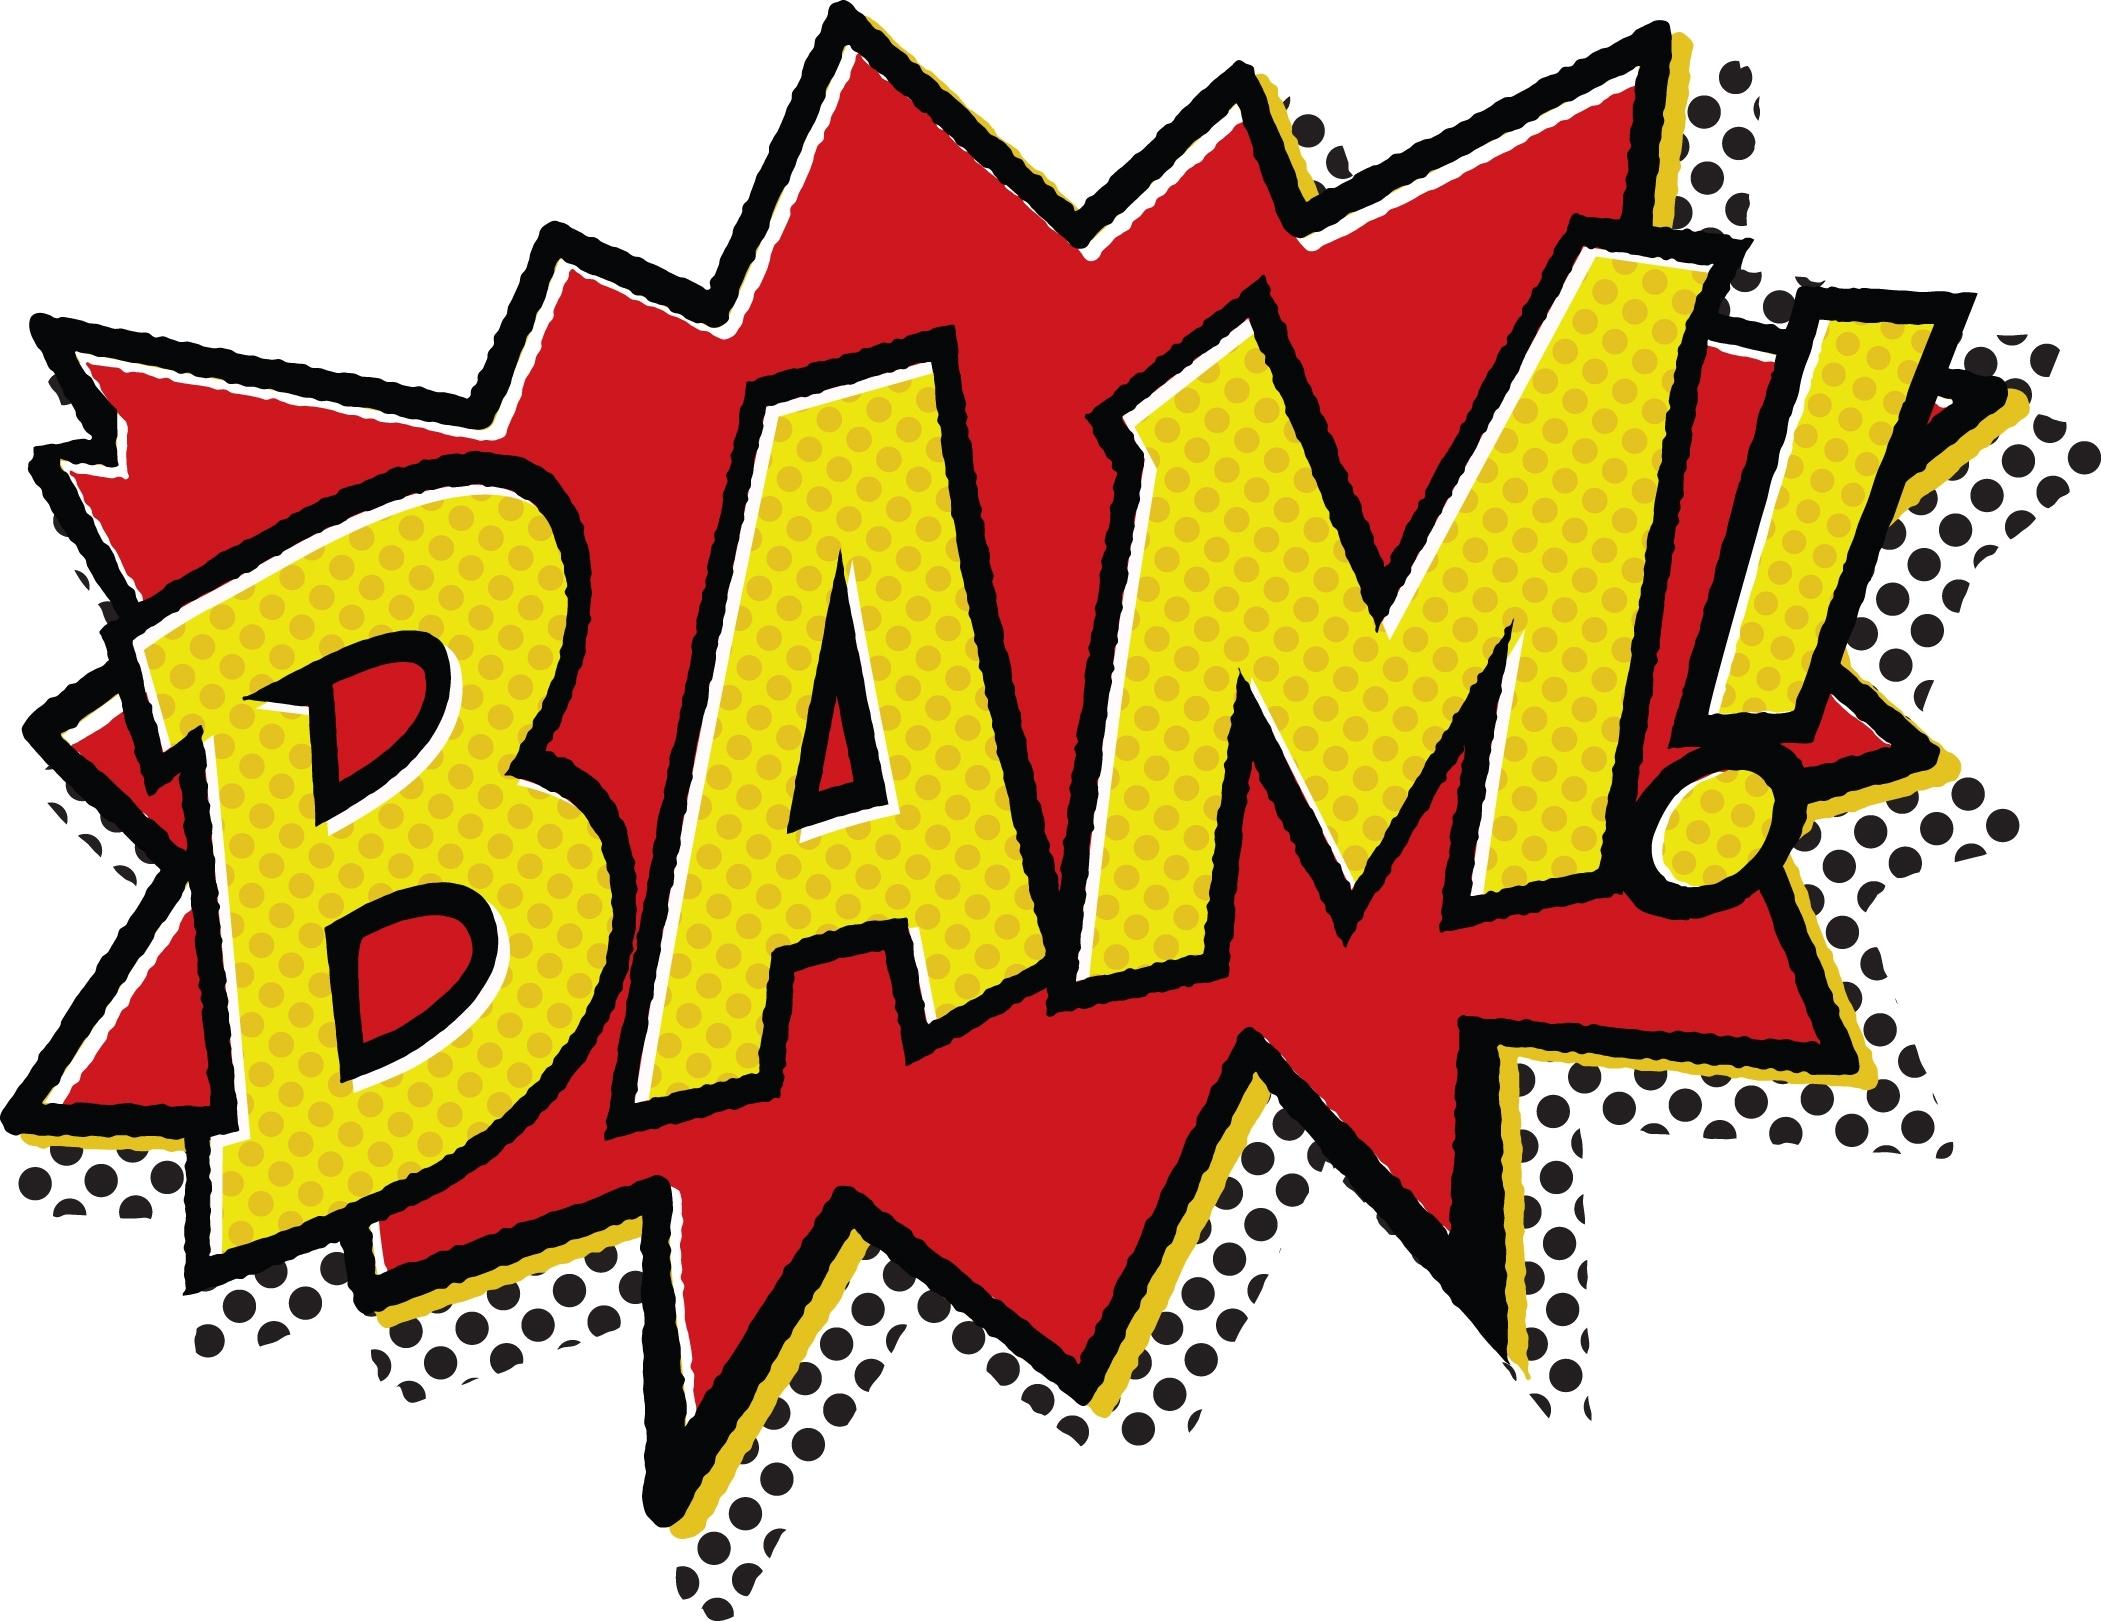 Crash clipart Crash Batman Crash Download Batman